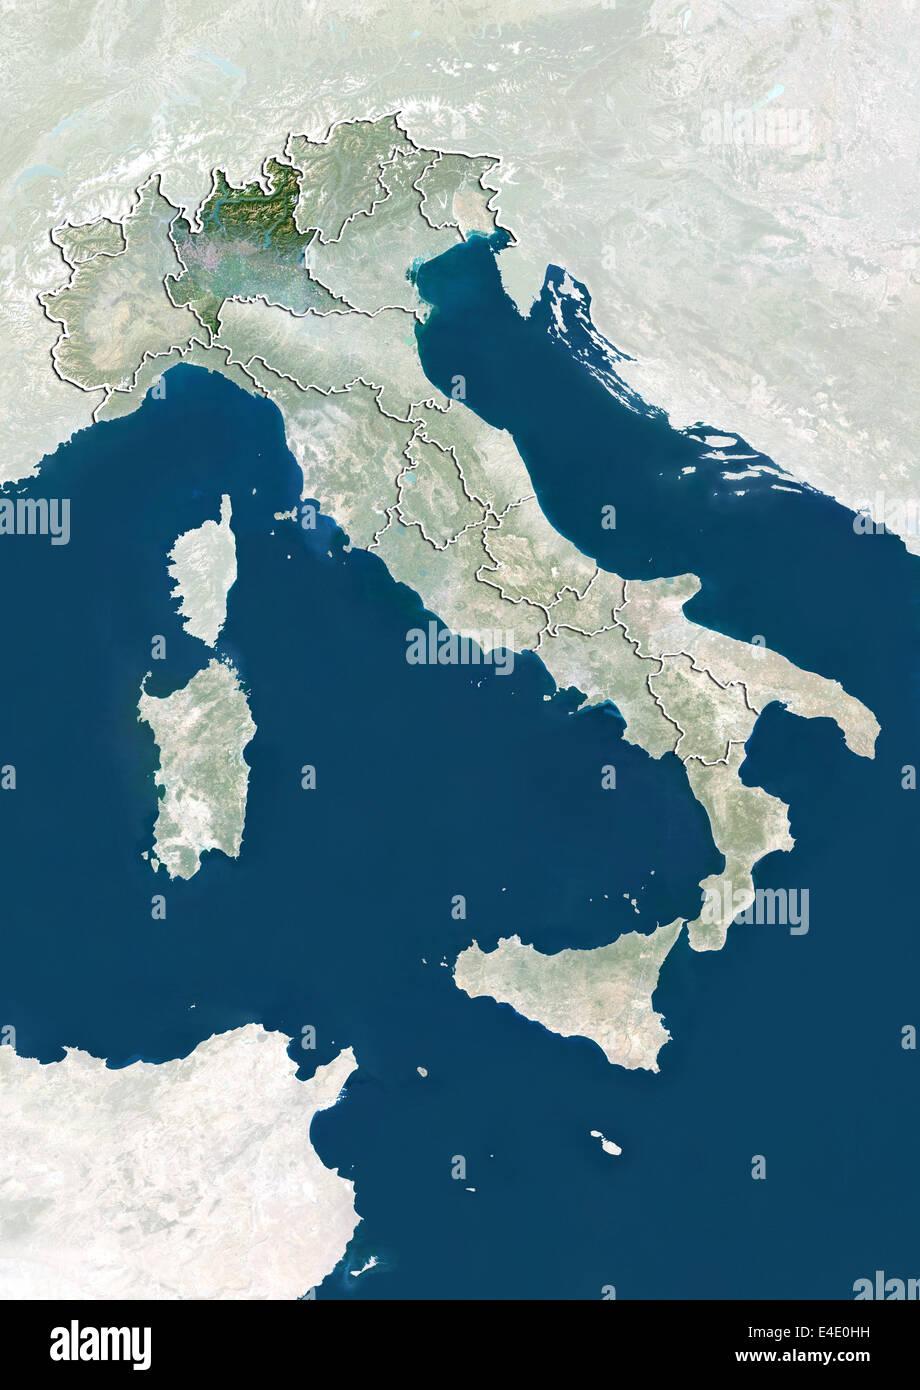 Cartina Satellitare Lombardia.Italia E Della Regione Lombardia True Color Satellitare Immagine Foto Stock Alamy